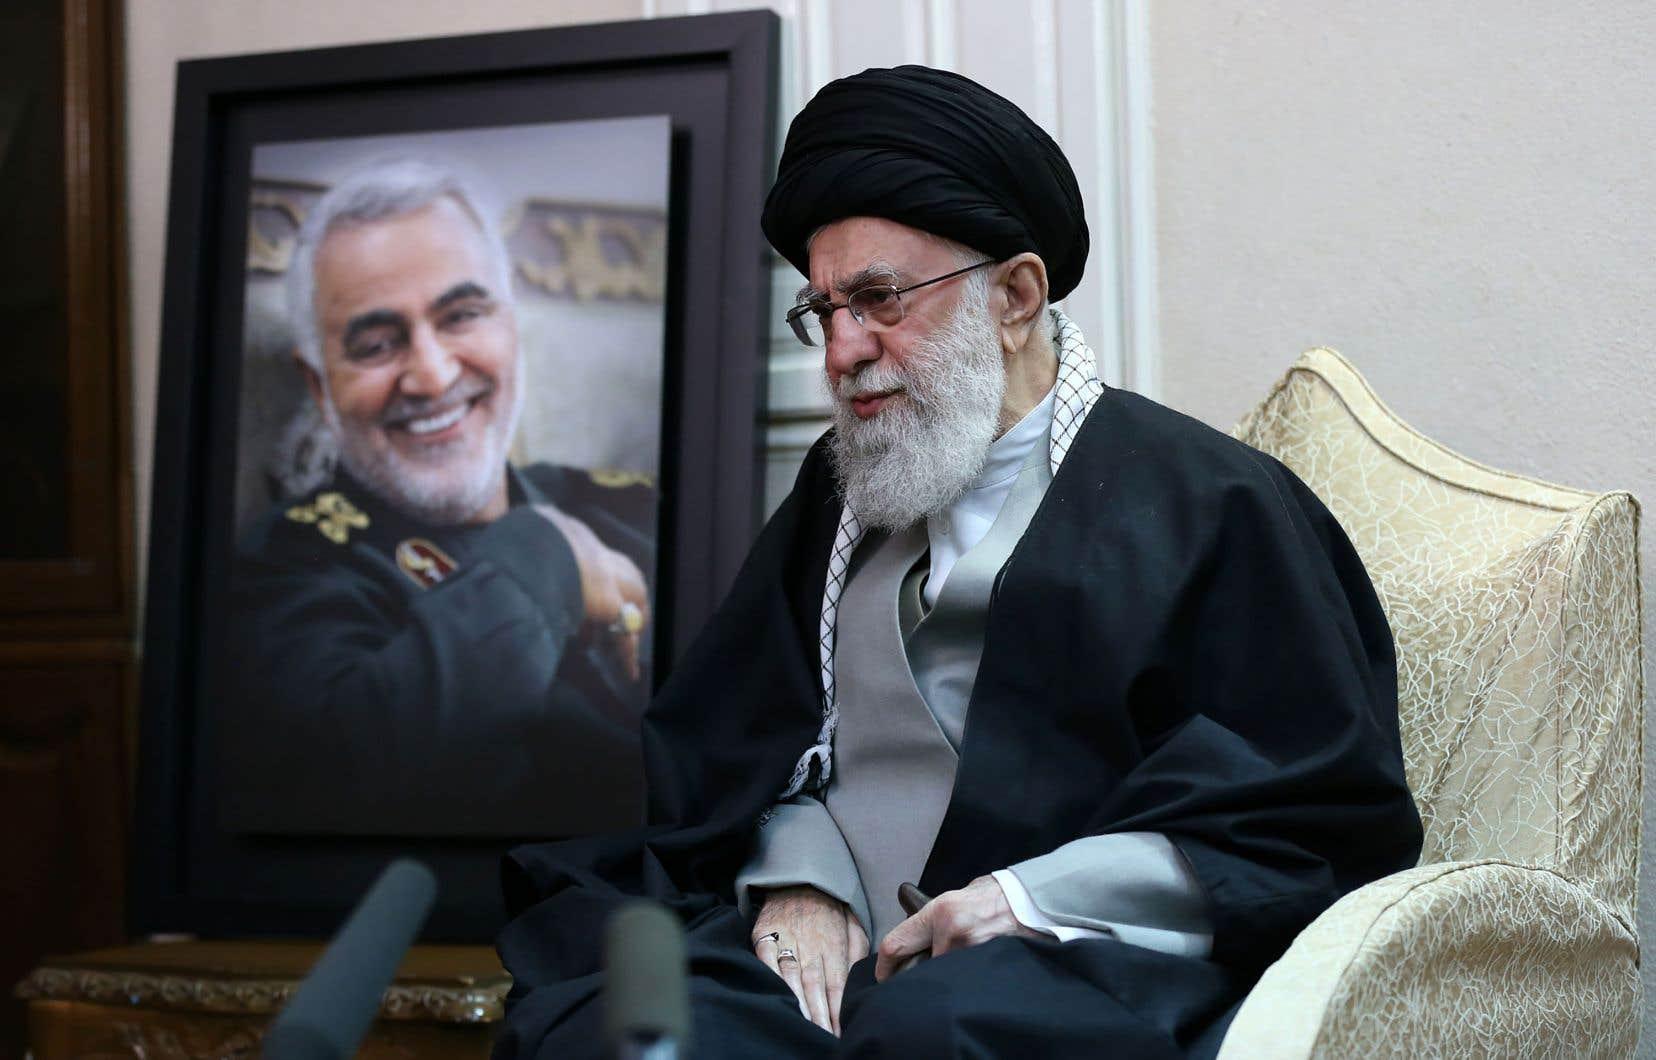 Le guide suprême de l'Iran, l'ayatollah Ali Khamenei, posant à côté d'un portrait du général iranien tuéQassem Soleimani